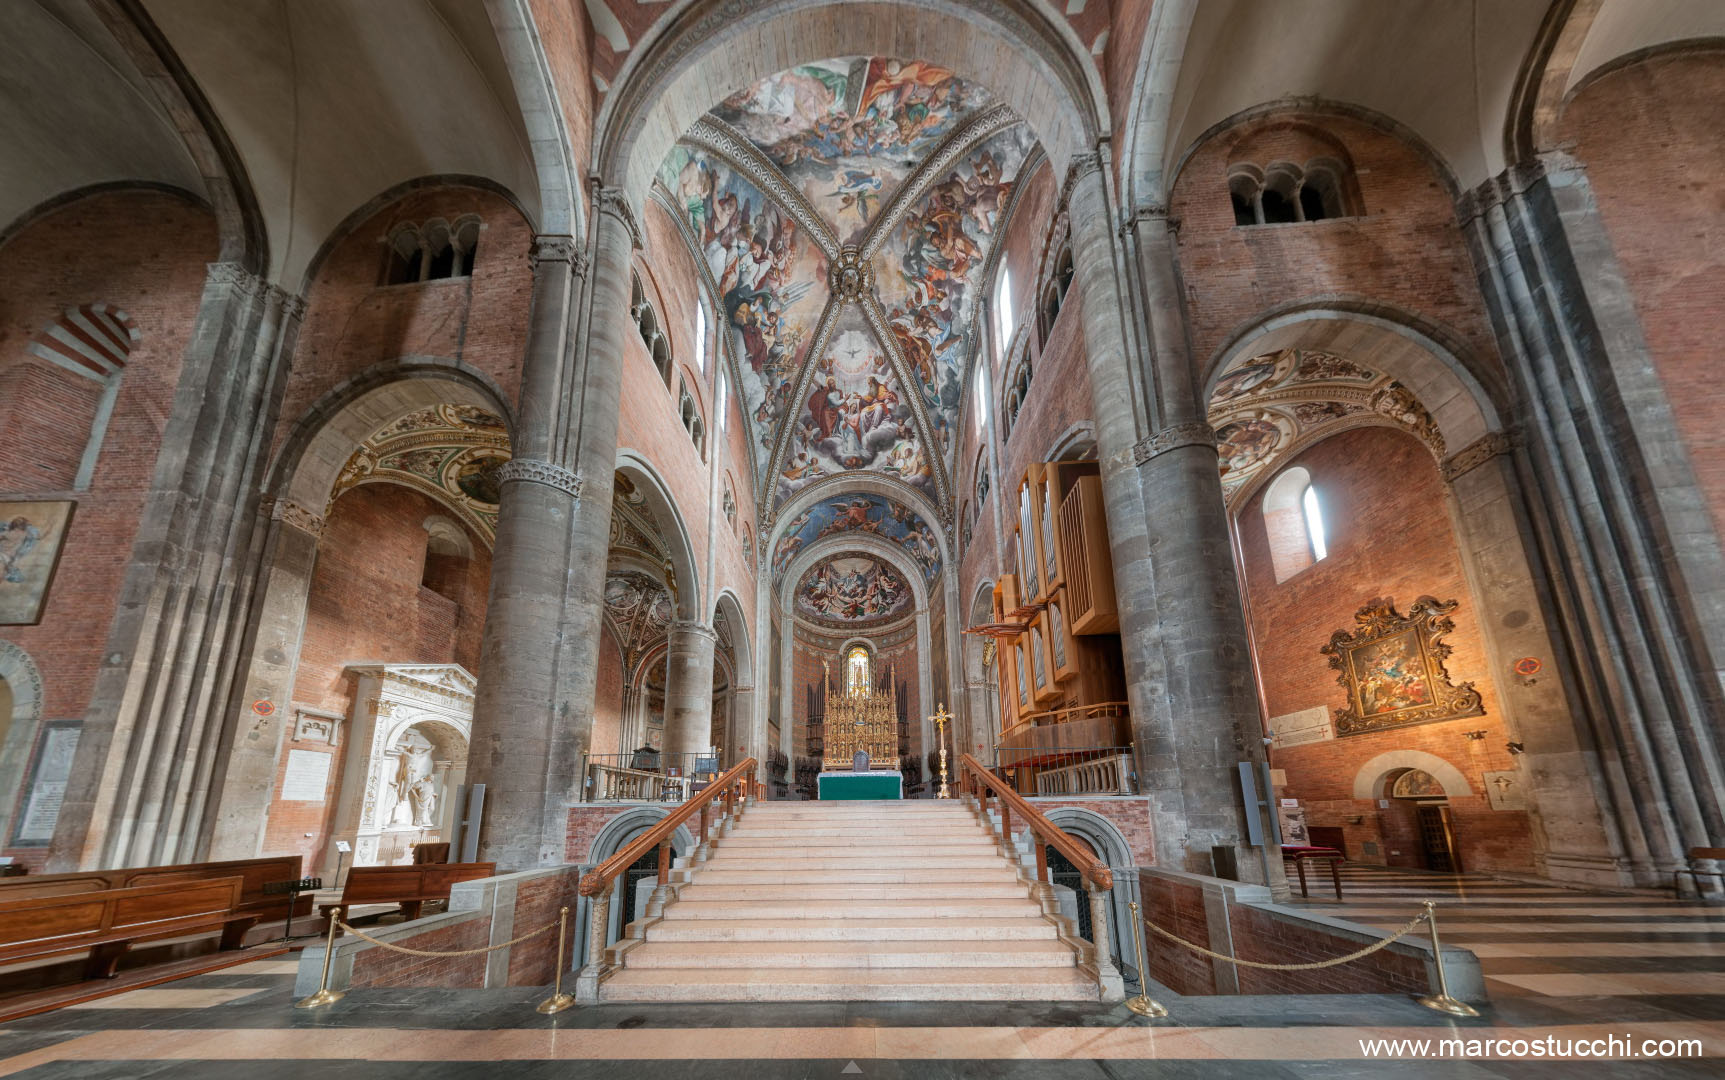 piacenza, piacenza i misteri della cattedrale, cattedrale s. maria assunta visione del presbiterio, ph. Marco Stucchi